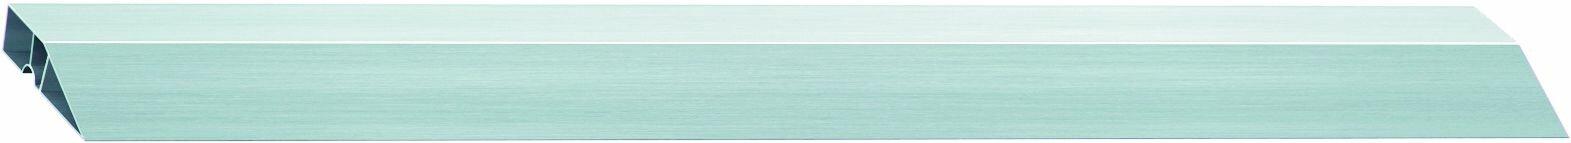 """Правило алюминиевое Сибртех """"Трапеция"""", 2 ребра жесткости, длина 1,5 м"""